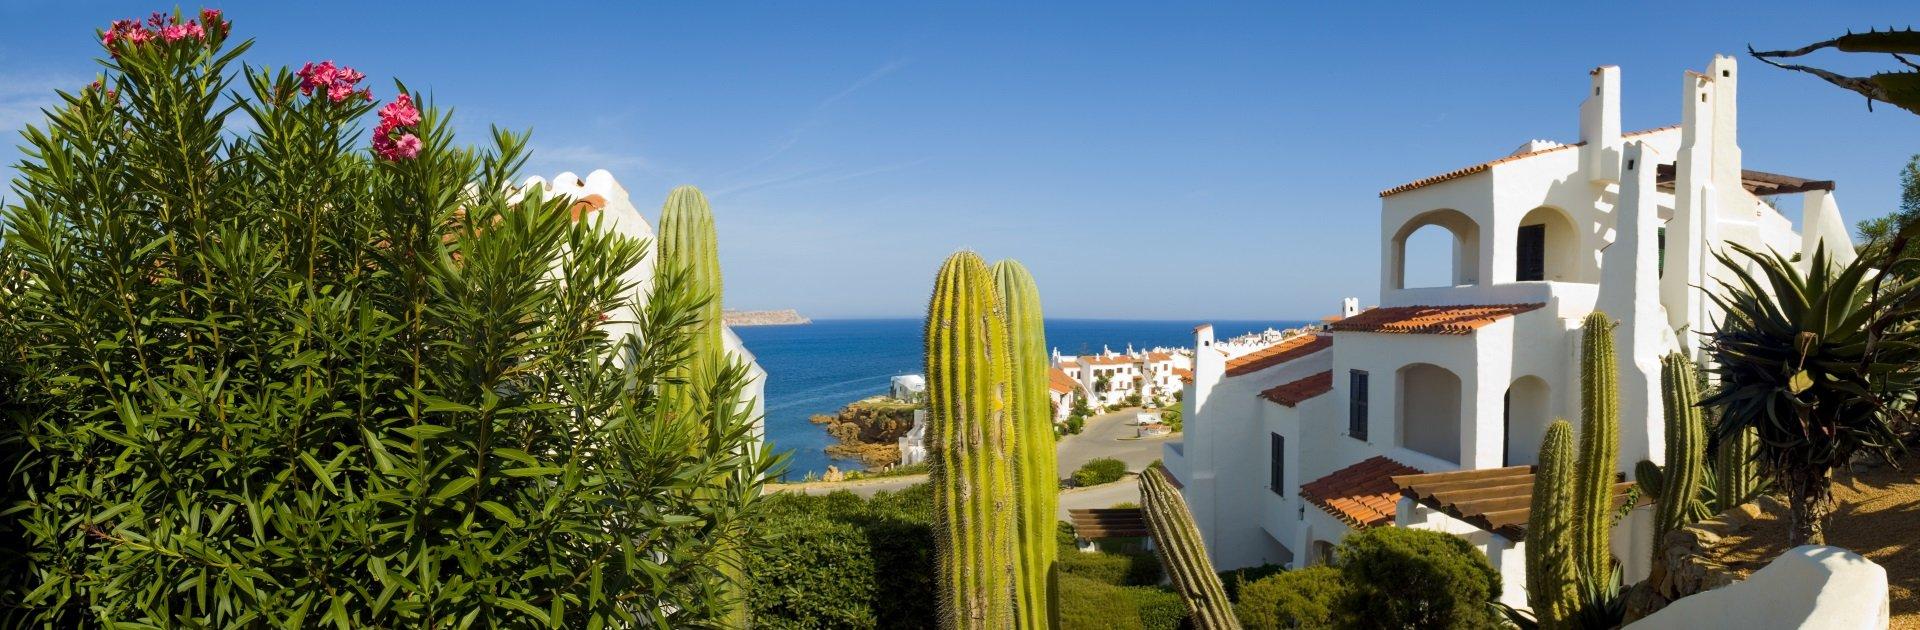 Familienhotels in Spanien